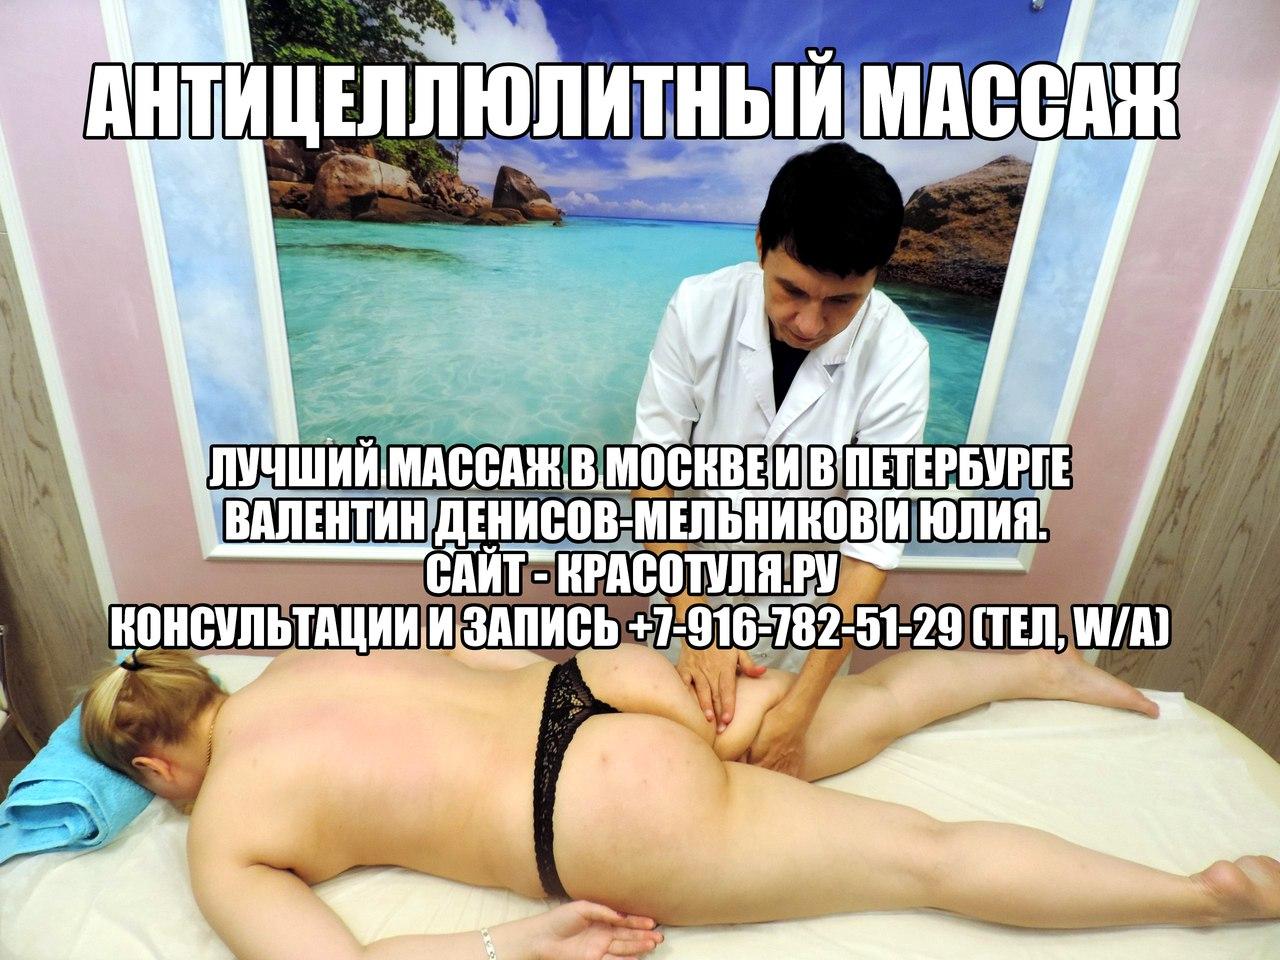 Трусов выделение смазки во время массажа клитора смотреть видео кто сосал